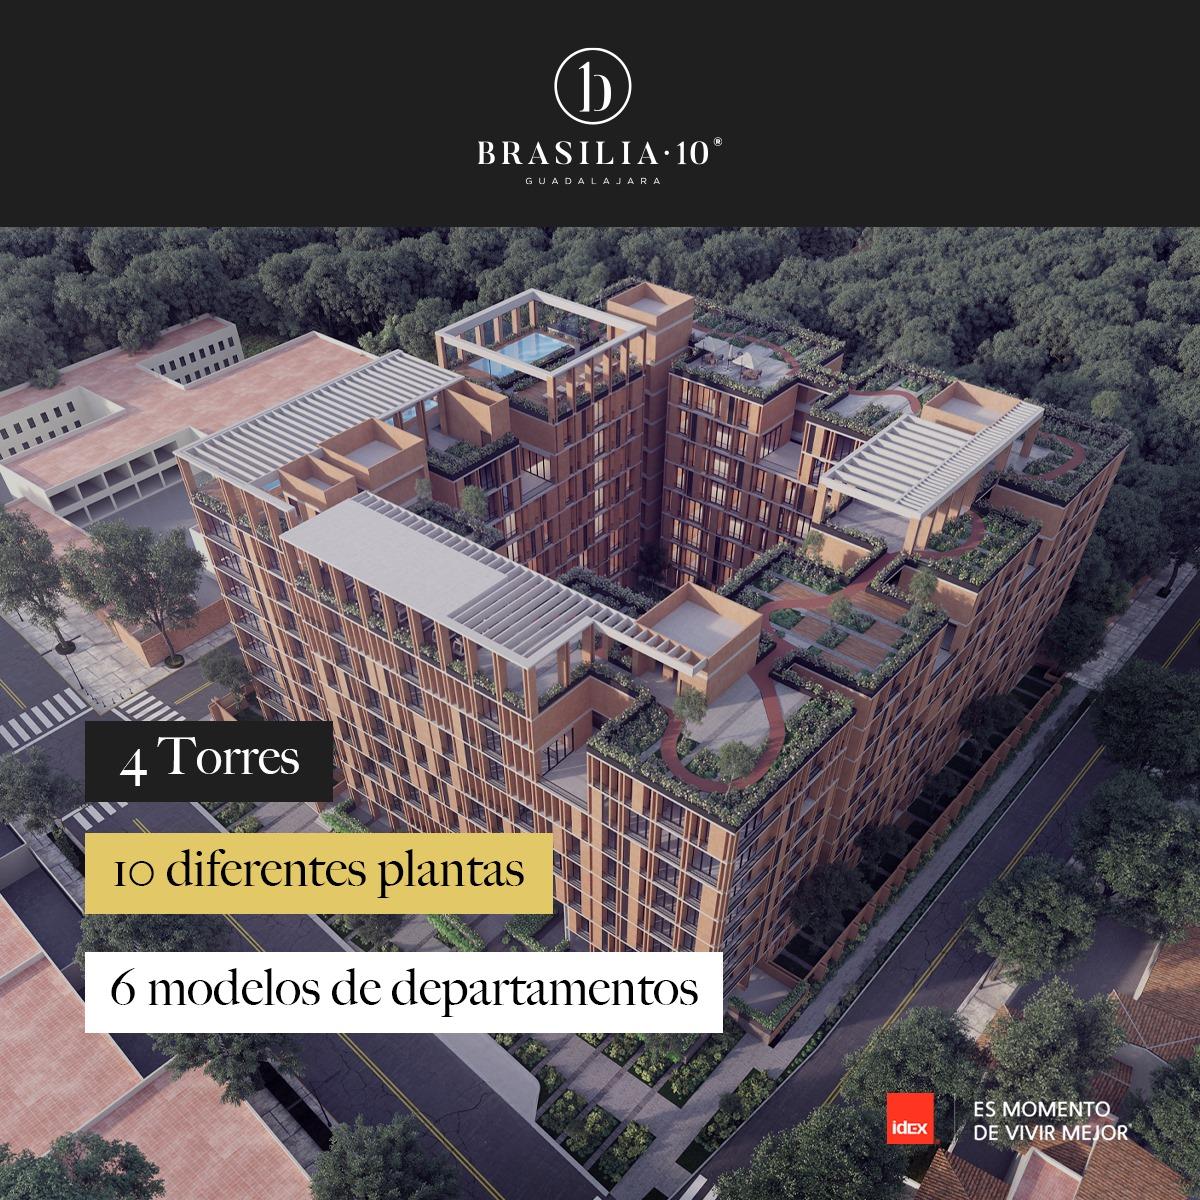 """Puede ser una imagen de texto que dice """"1 BRASILIA-10 UL ... Torres IO diferentes plantas 6 modelos de departamentos idex ES MOMENTO DE VIVIR MEJOR"""""""